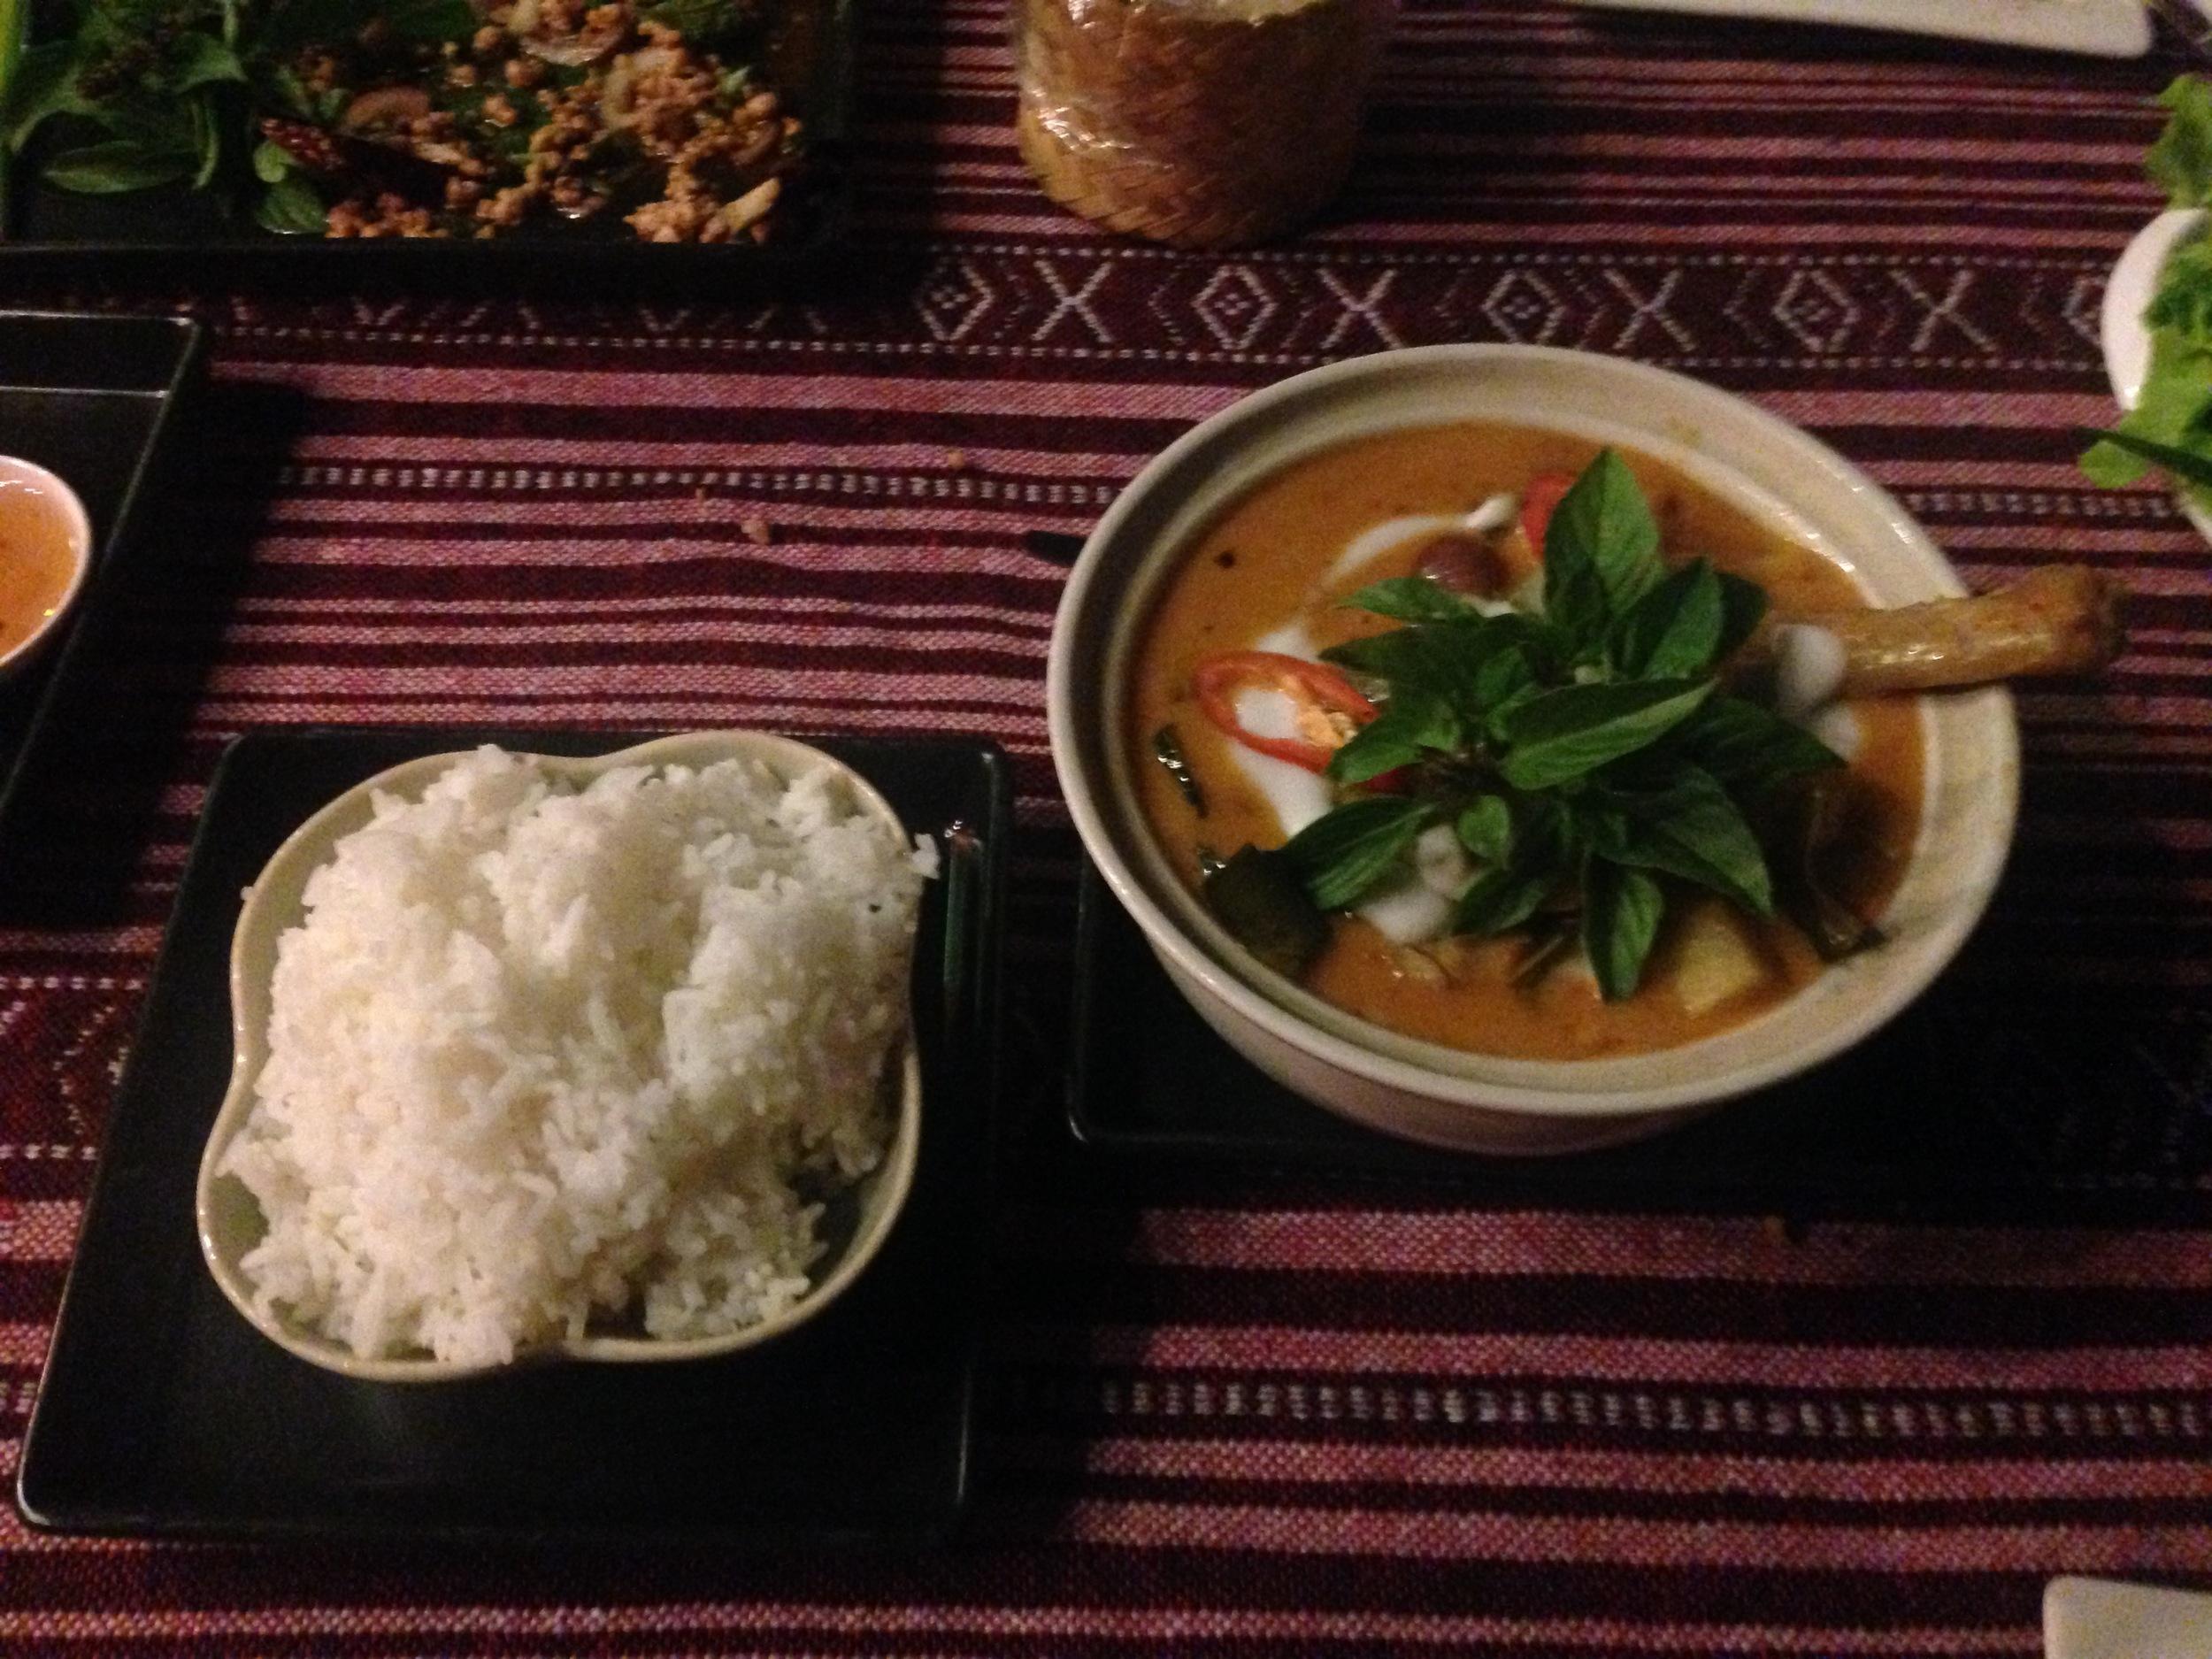 paak-dang-restaurant-chiang-mai-duck-curry-best